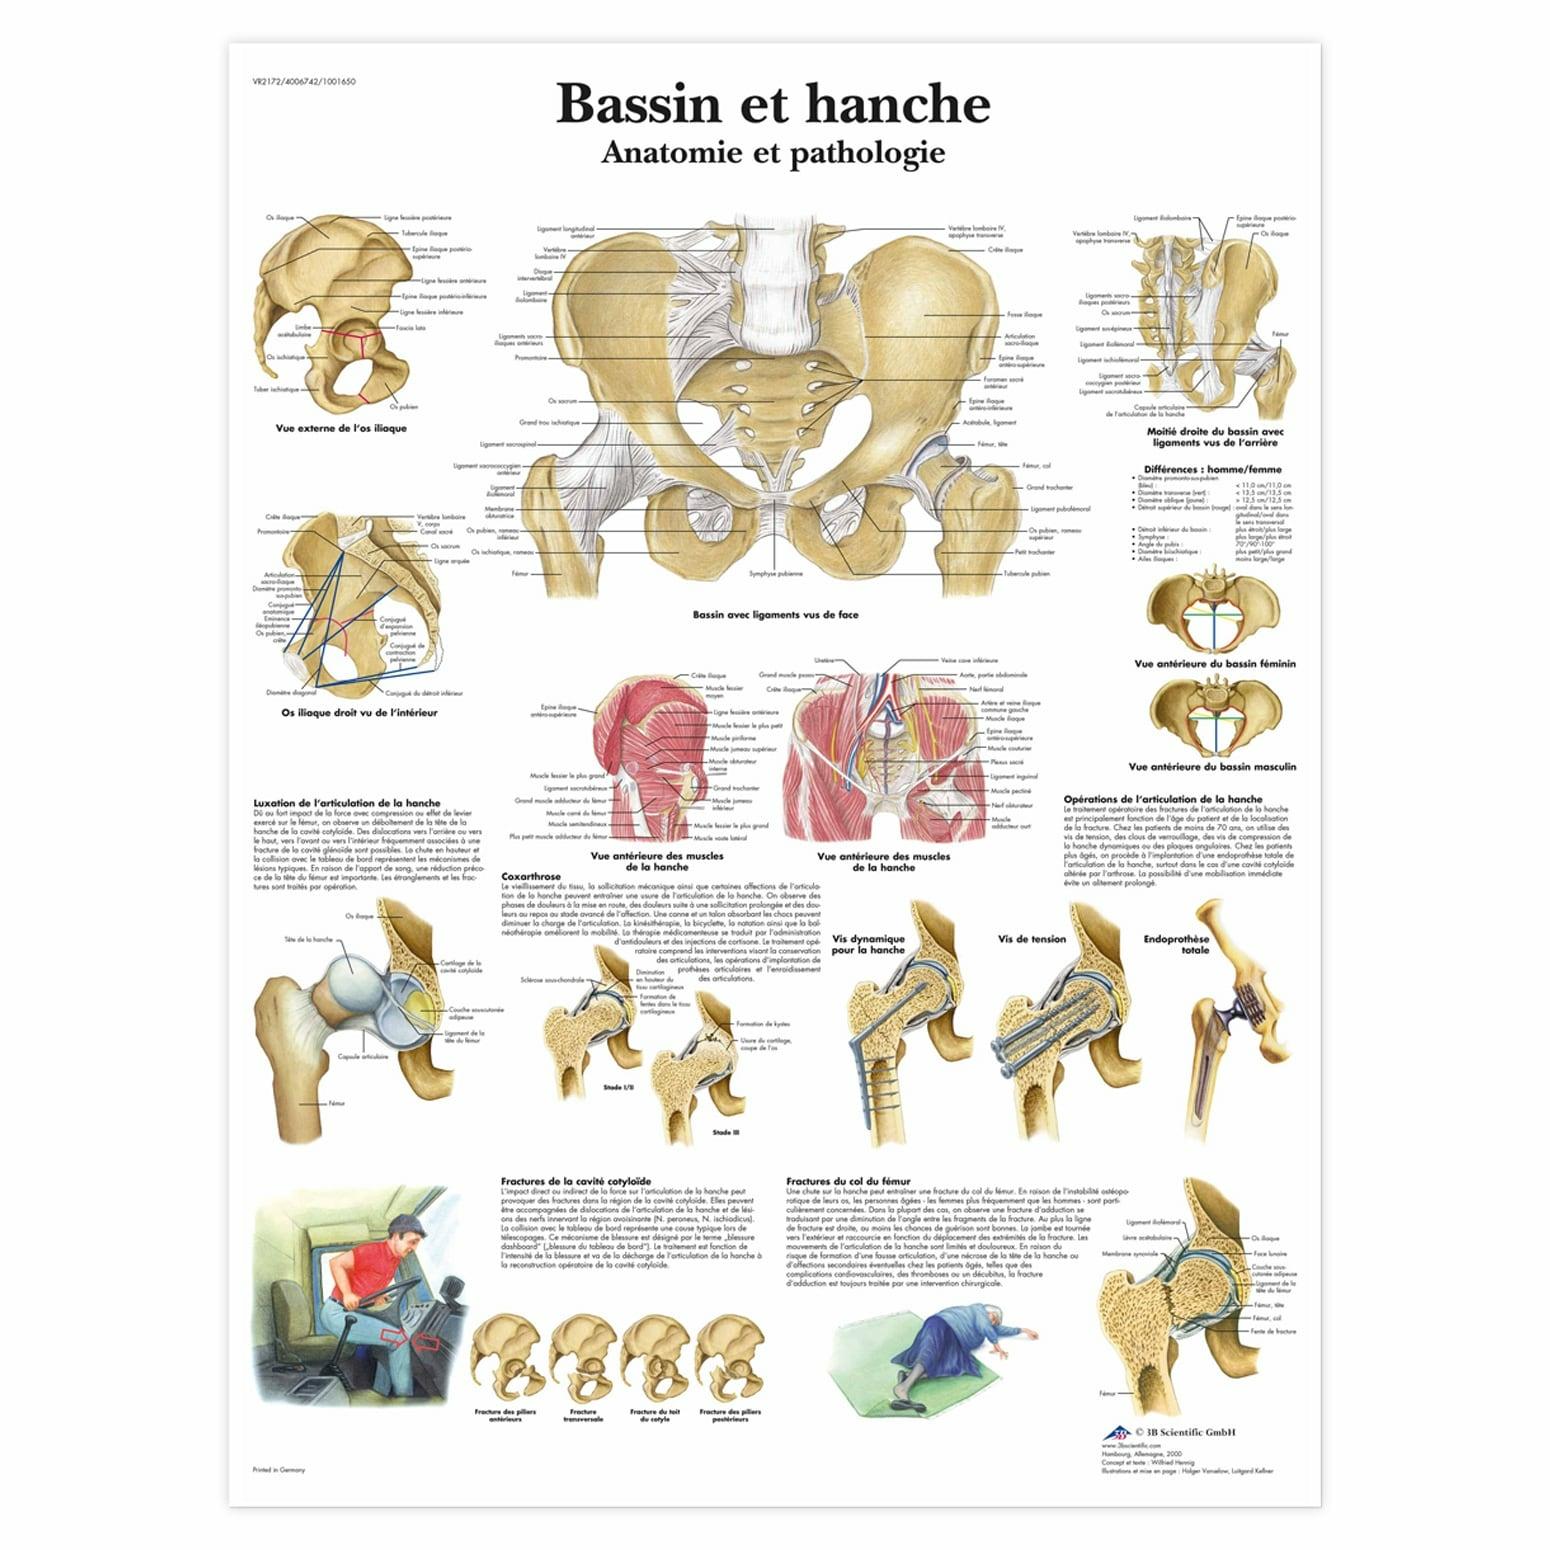 Planche anatomique Bassin et hanche, anatomie et pathologie